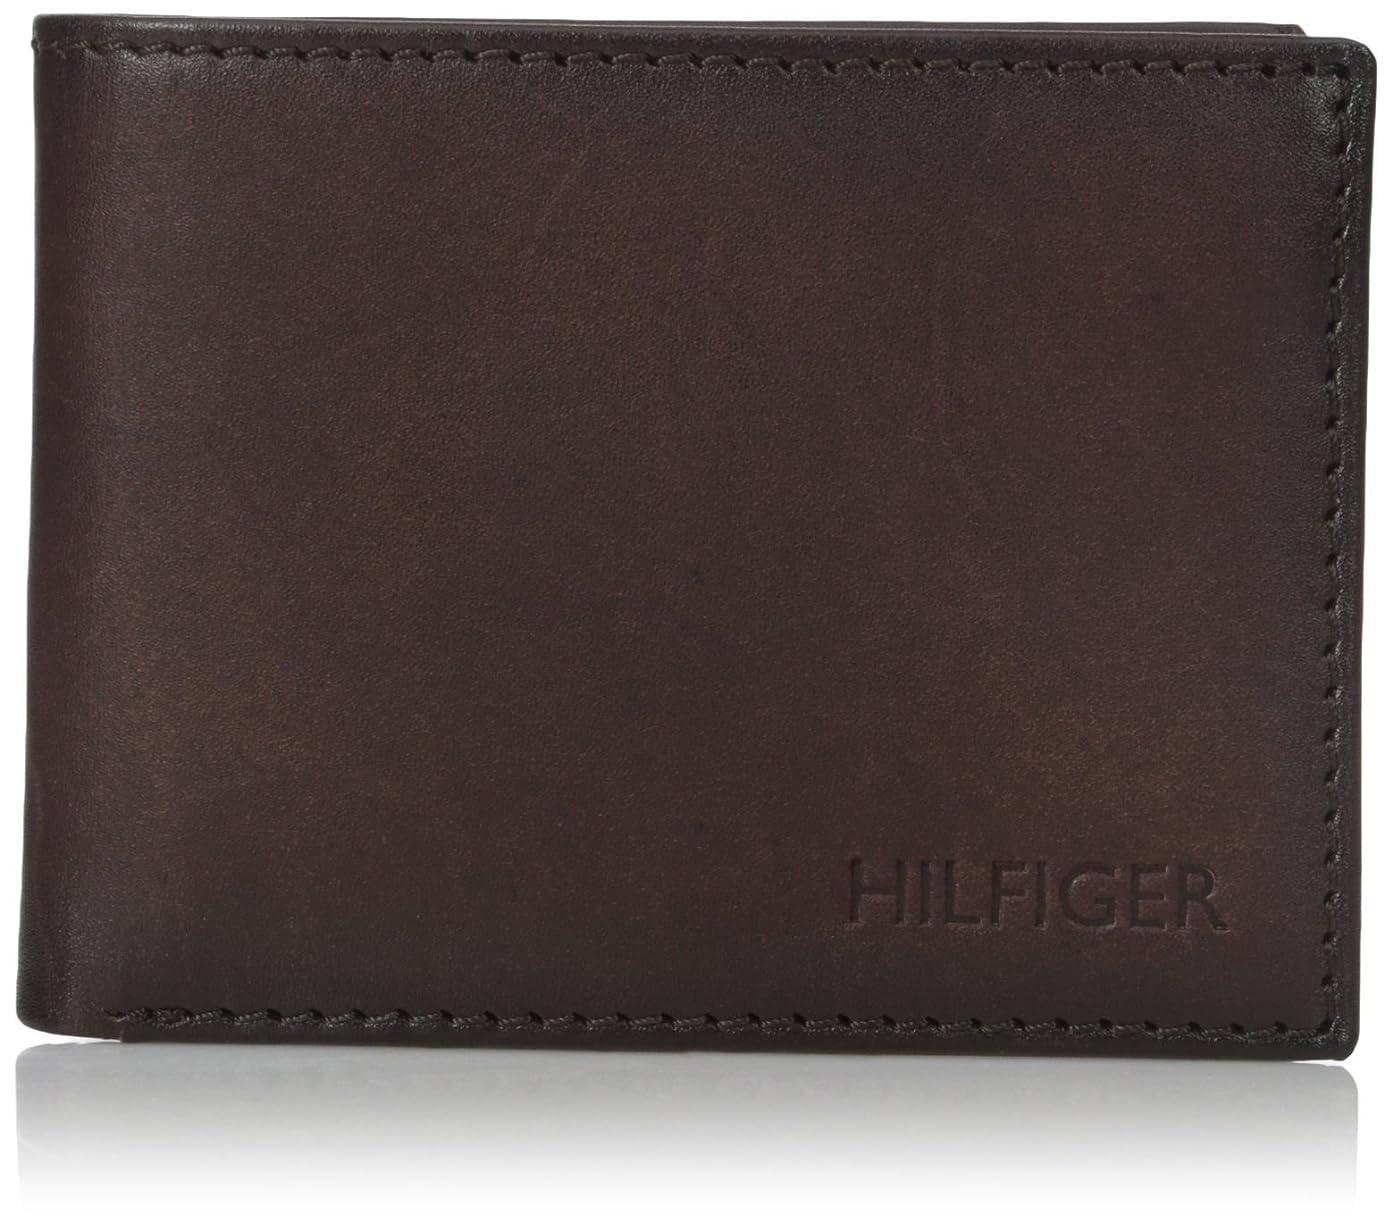 船尾家主角度トミーヒルフィガーメンズBergenパスケース付きBillfold Wallet